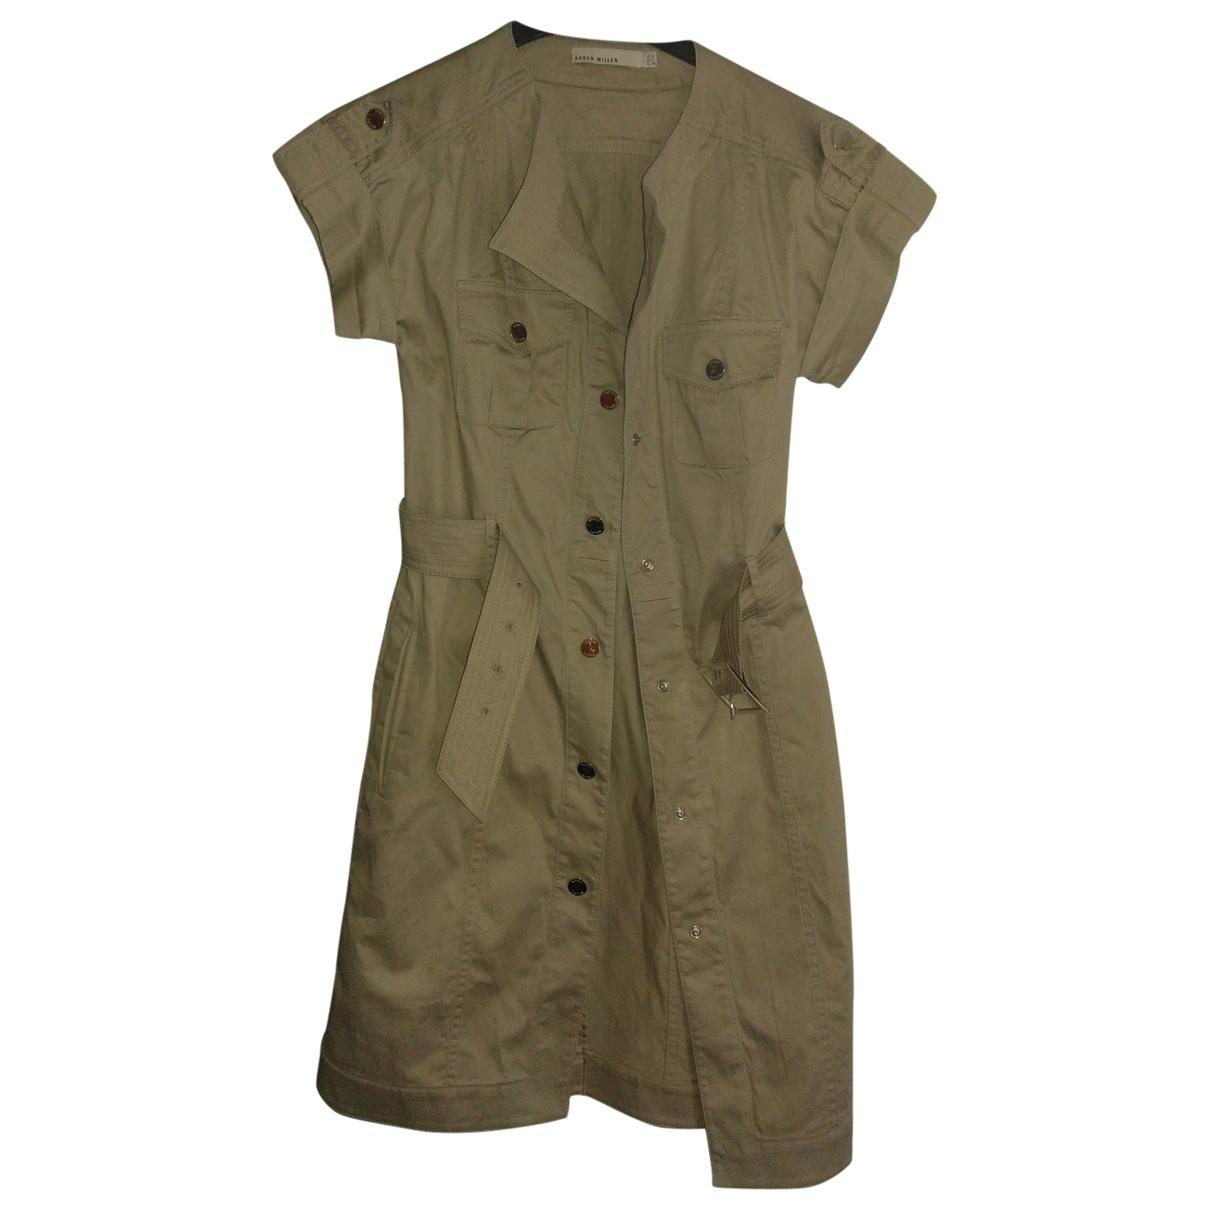 Karen Millen \N Beige Cotton dress for Women 4 US